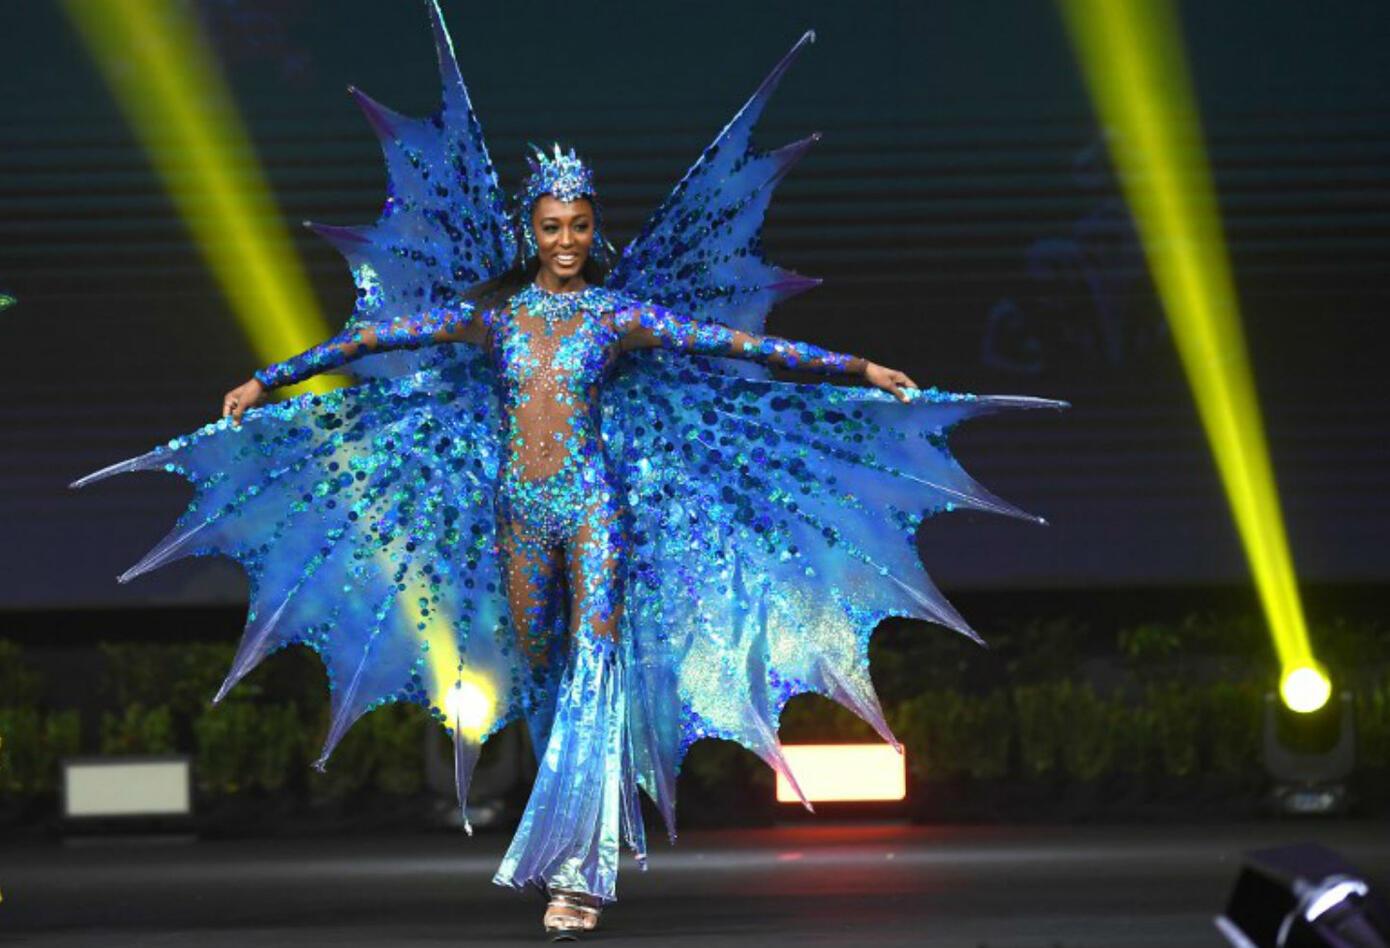 Meghan Theobalds, Miss Barbados 2018